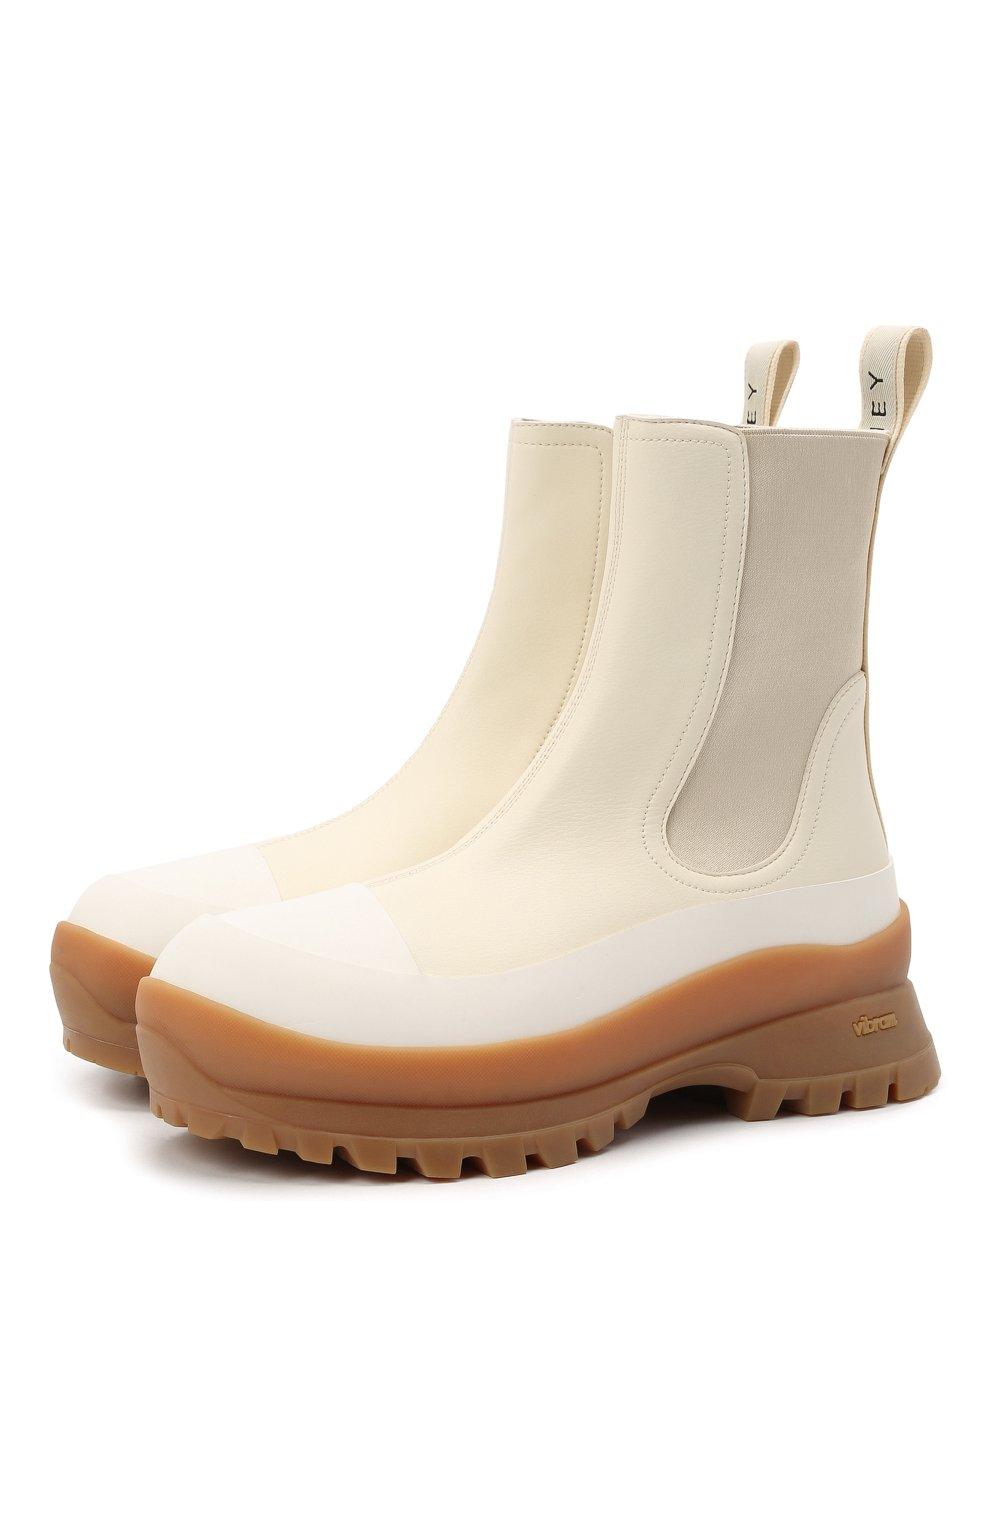 Женские комбинированные ботинки STELLA MCCARTNEY кремвого цвета, арт. 800397/N0244 | Фото 1 (Материал внешний: Экокожа, Текстиль; Подошва: Платформа; Каблук высота: Низкий; Женское Кросс-КТ: Челси-ботинки; Материал внутренний: Текстиль)